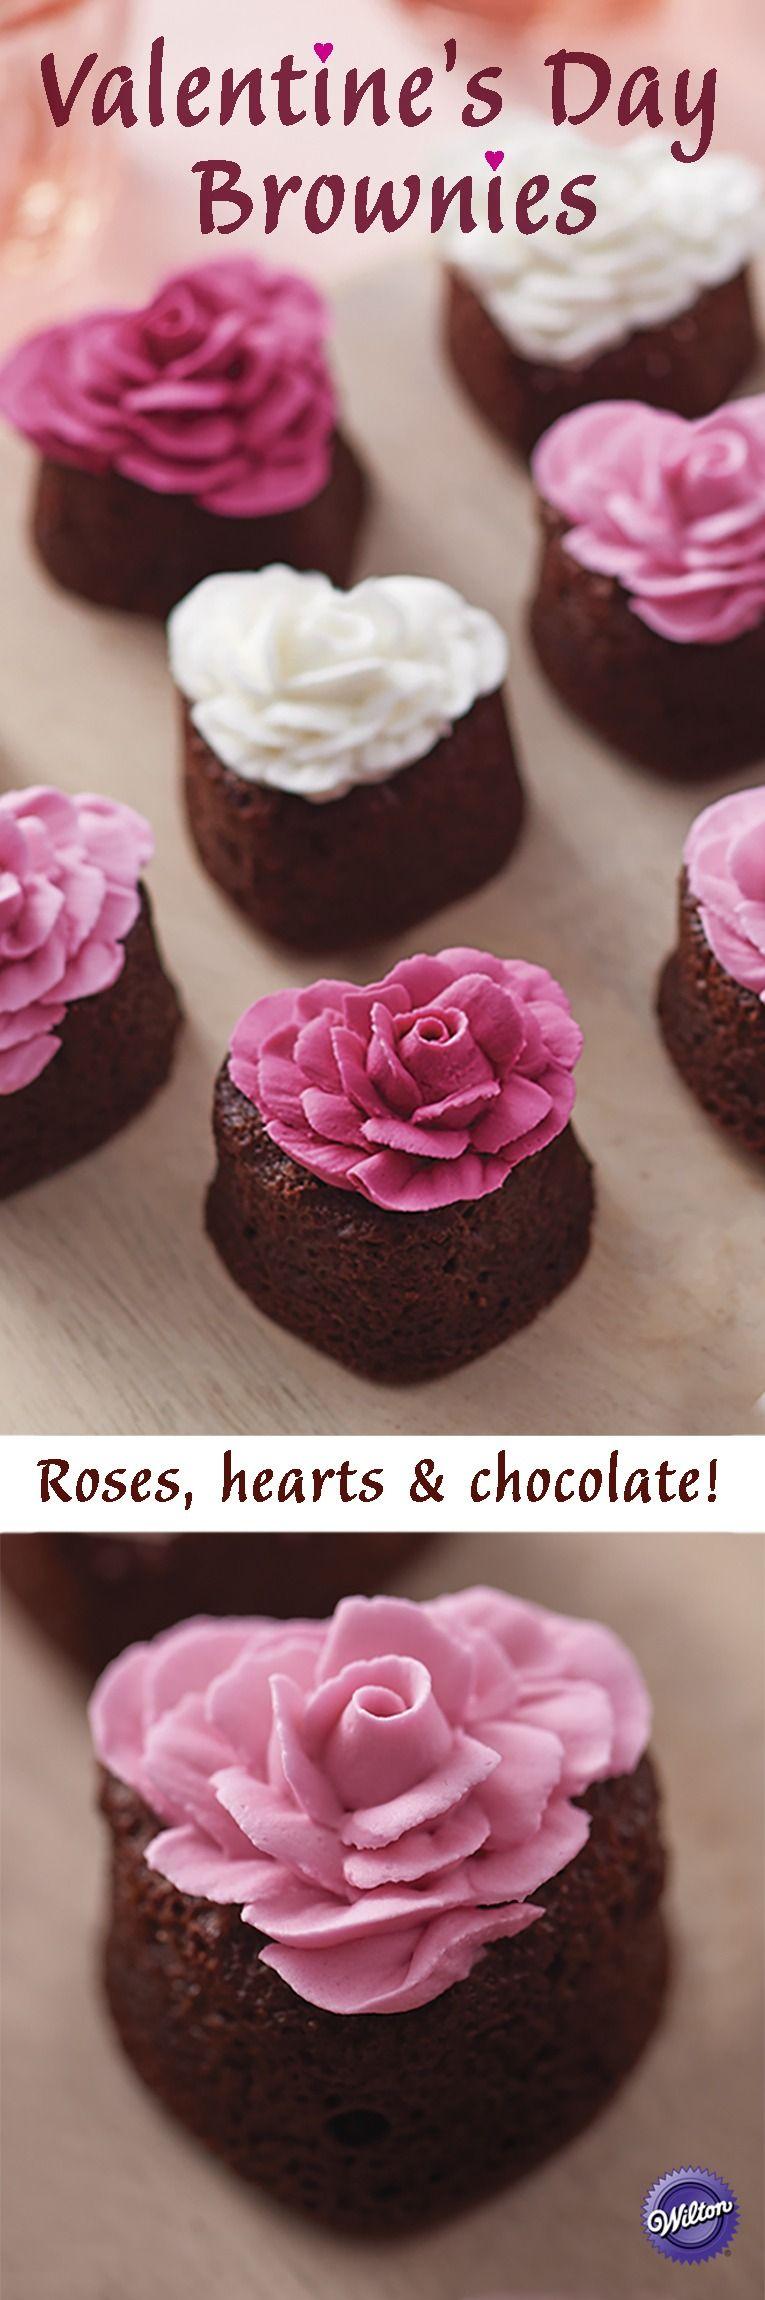 Valentine Brownie: Make Your Valentine's Day